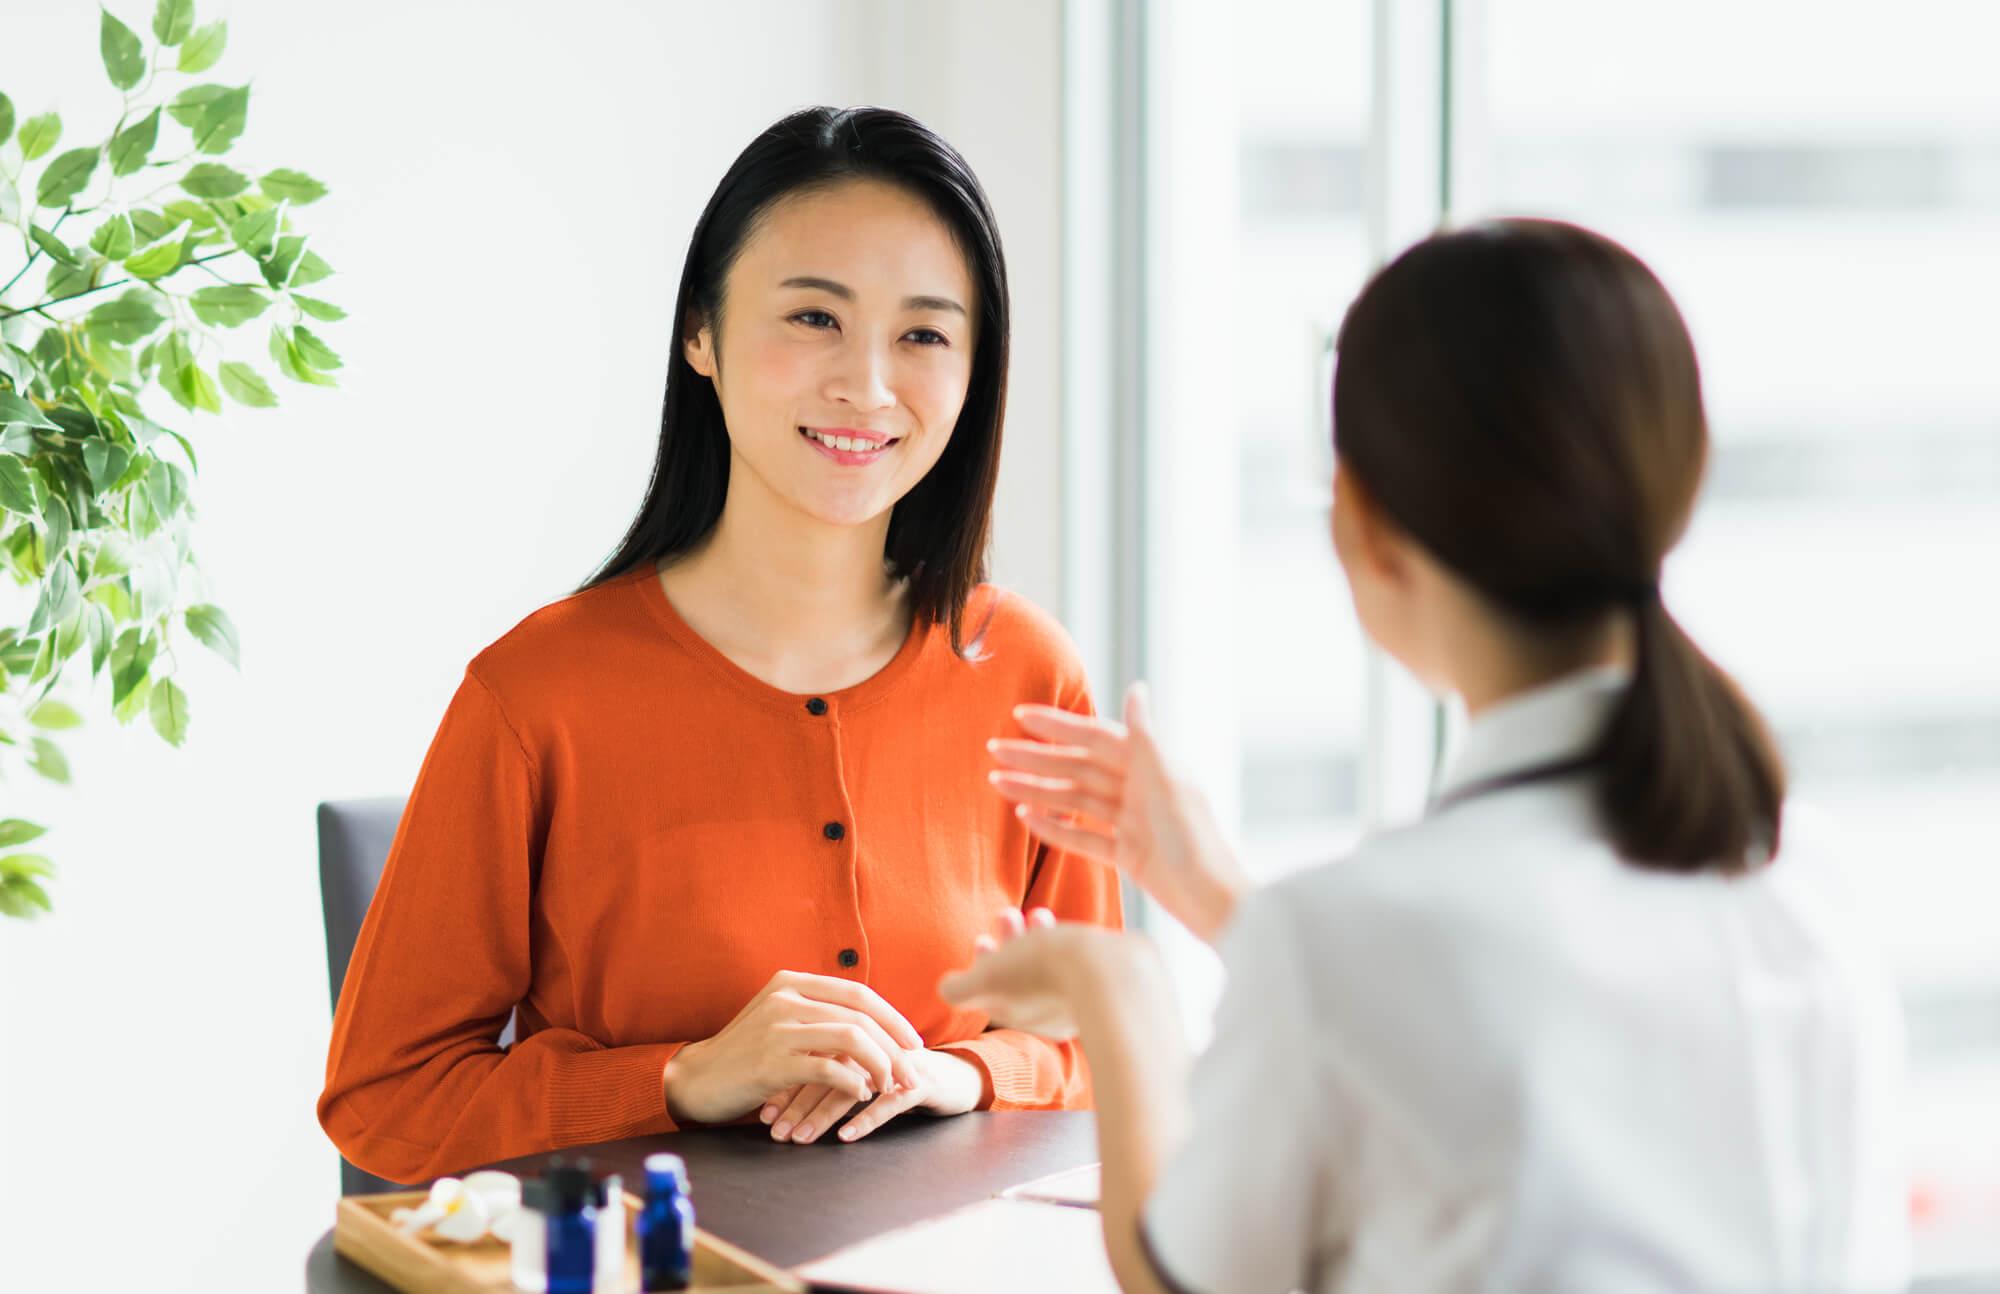 対人関係の悩みを相談する女性